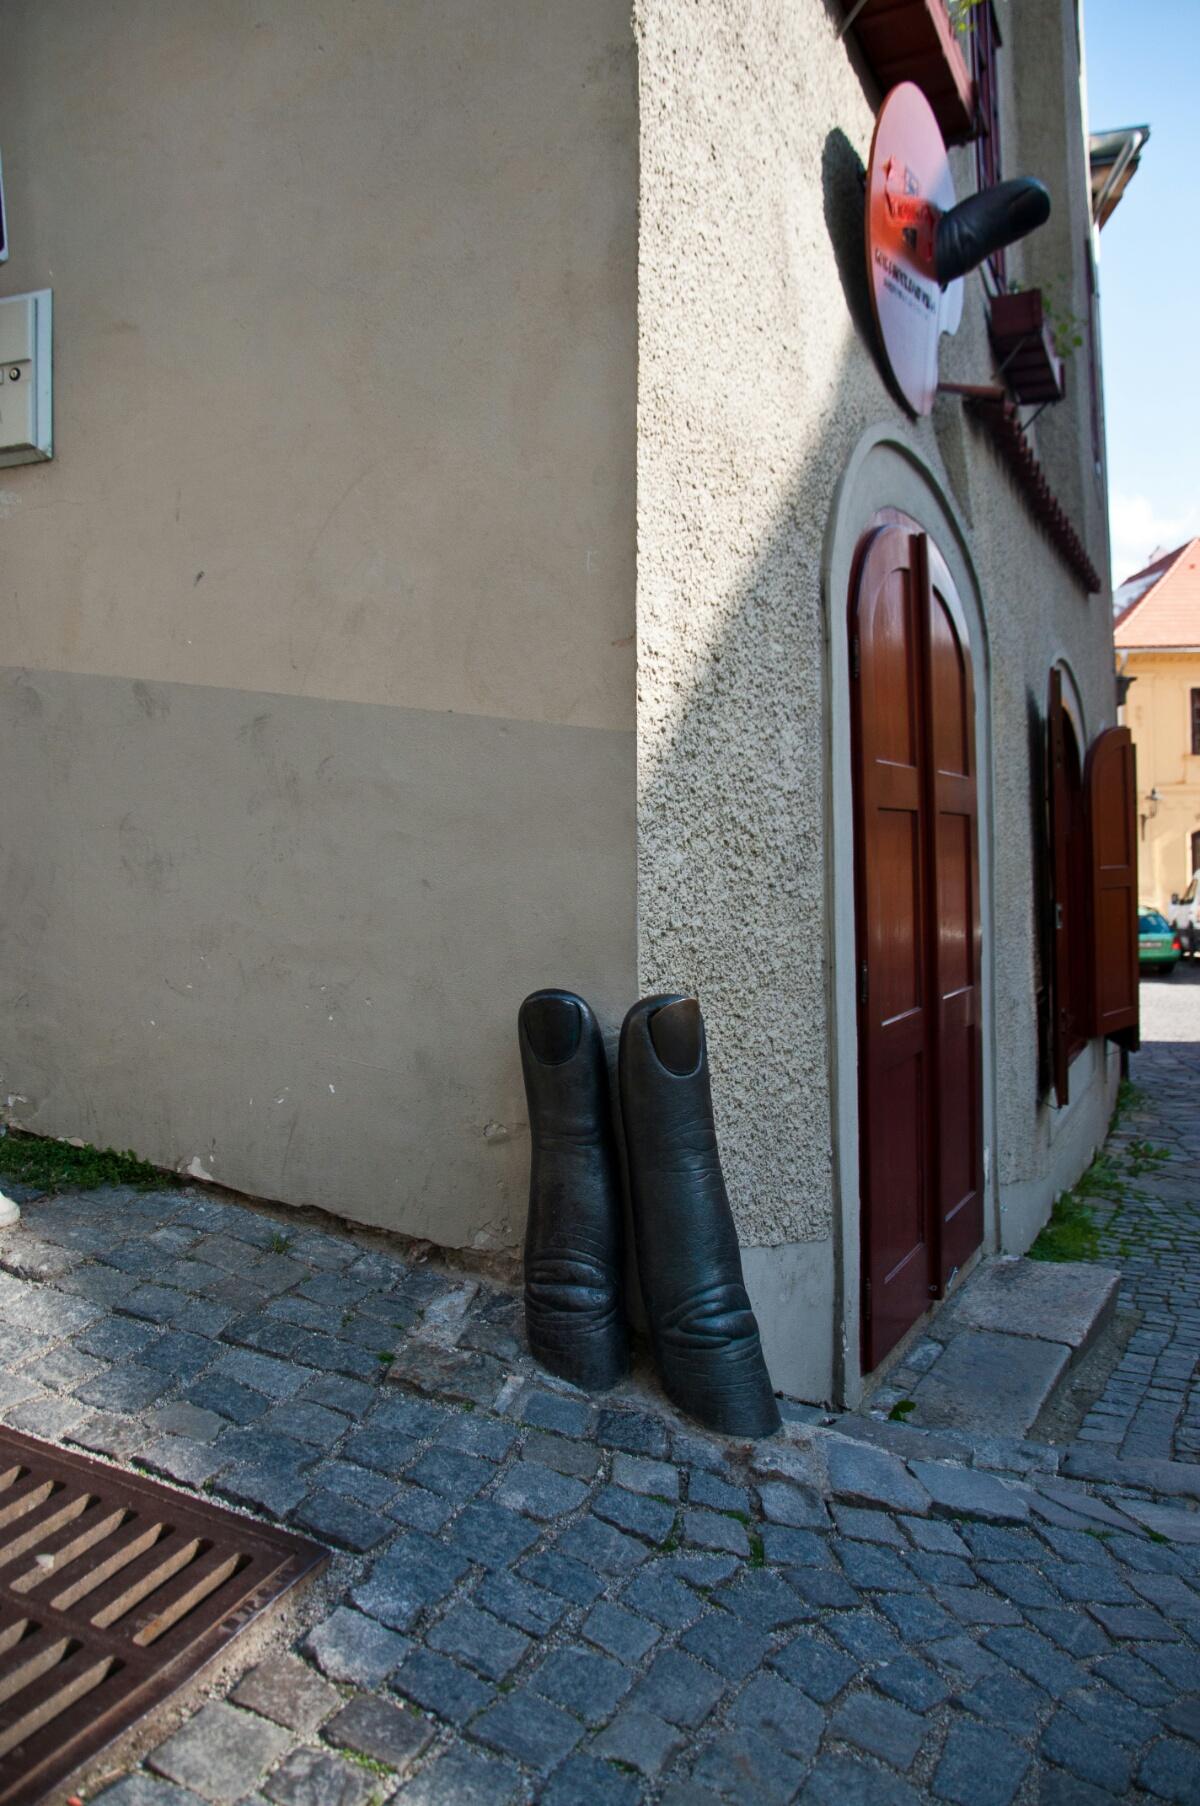 Магазин канцтоваров в Чески Крумлове